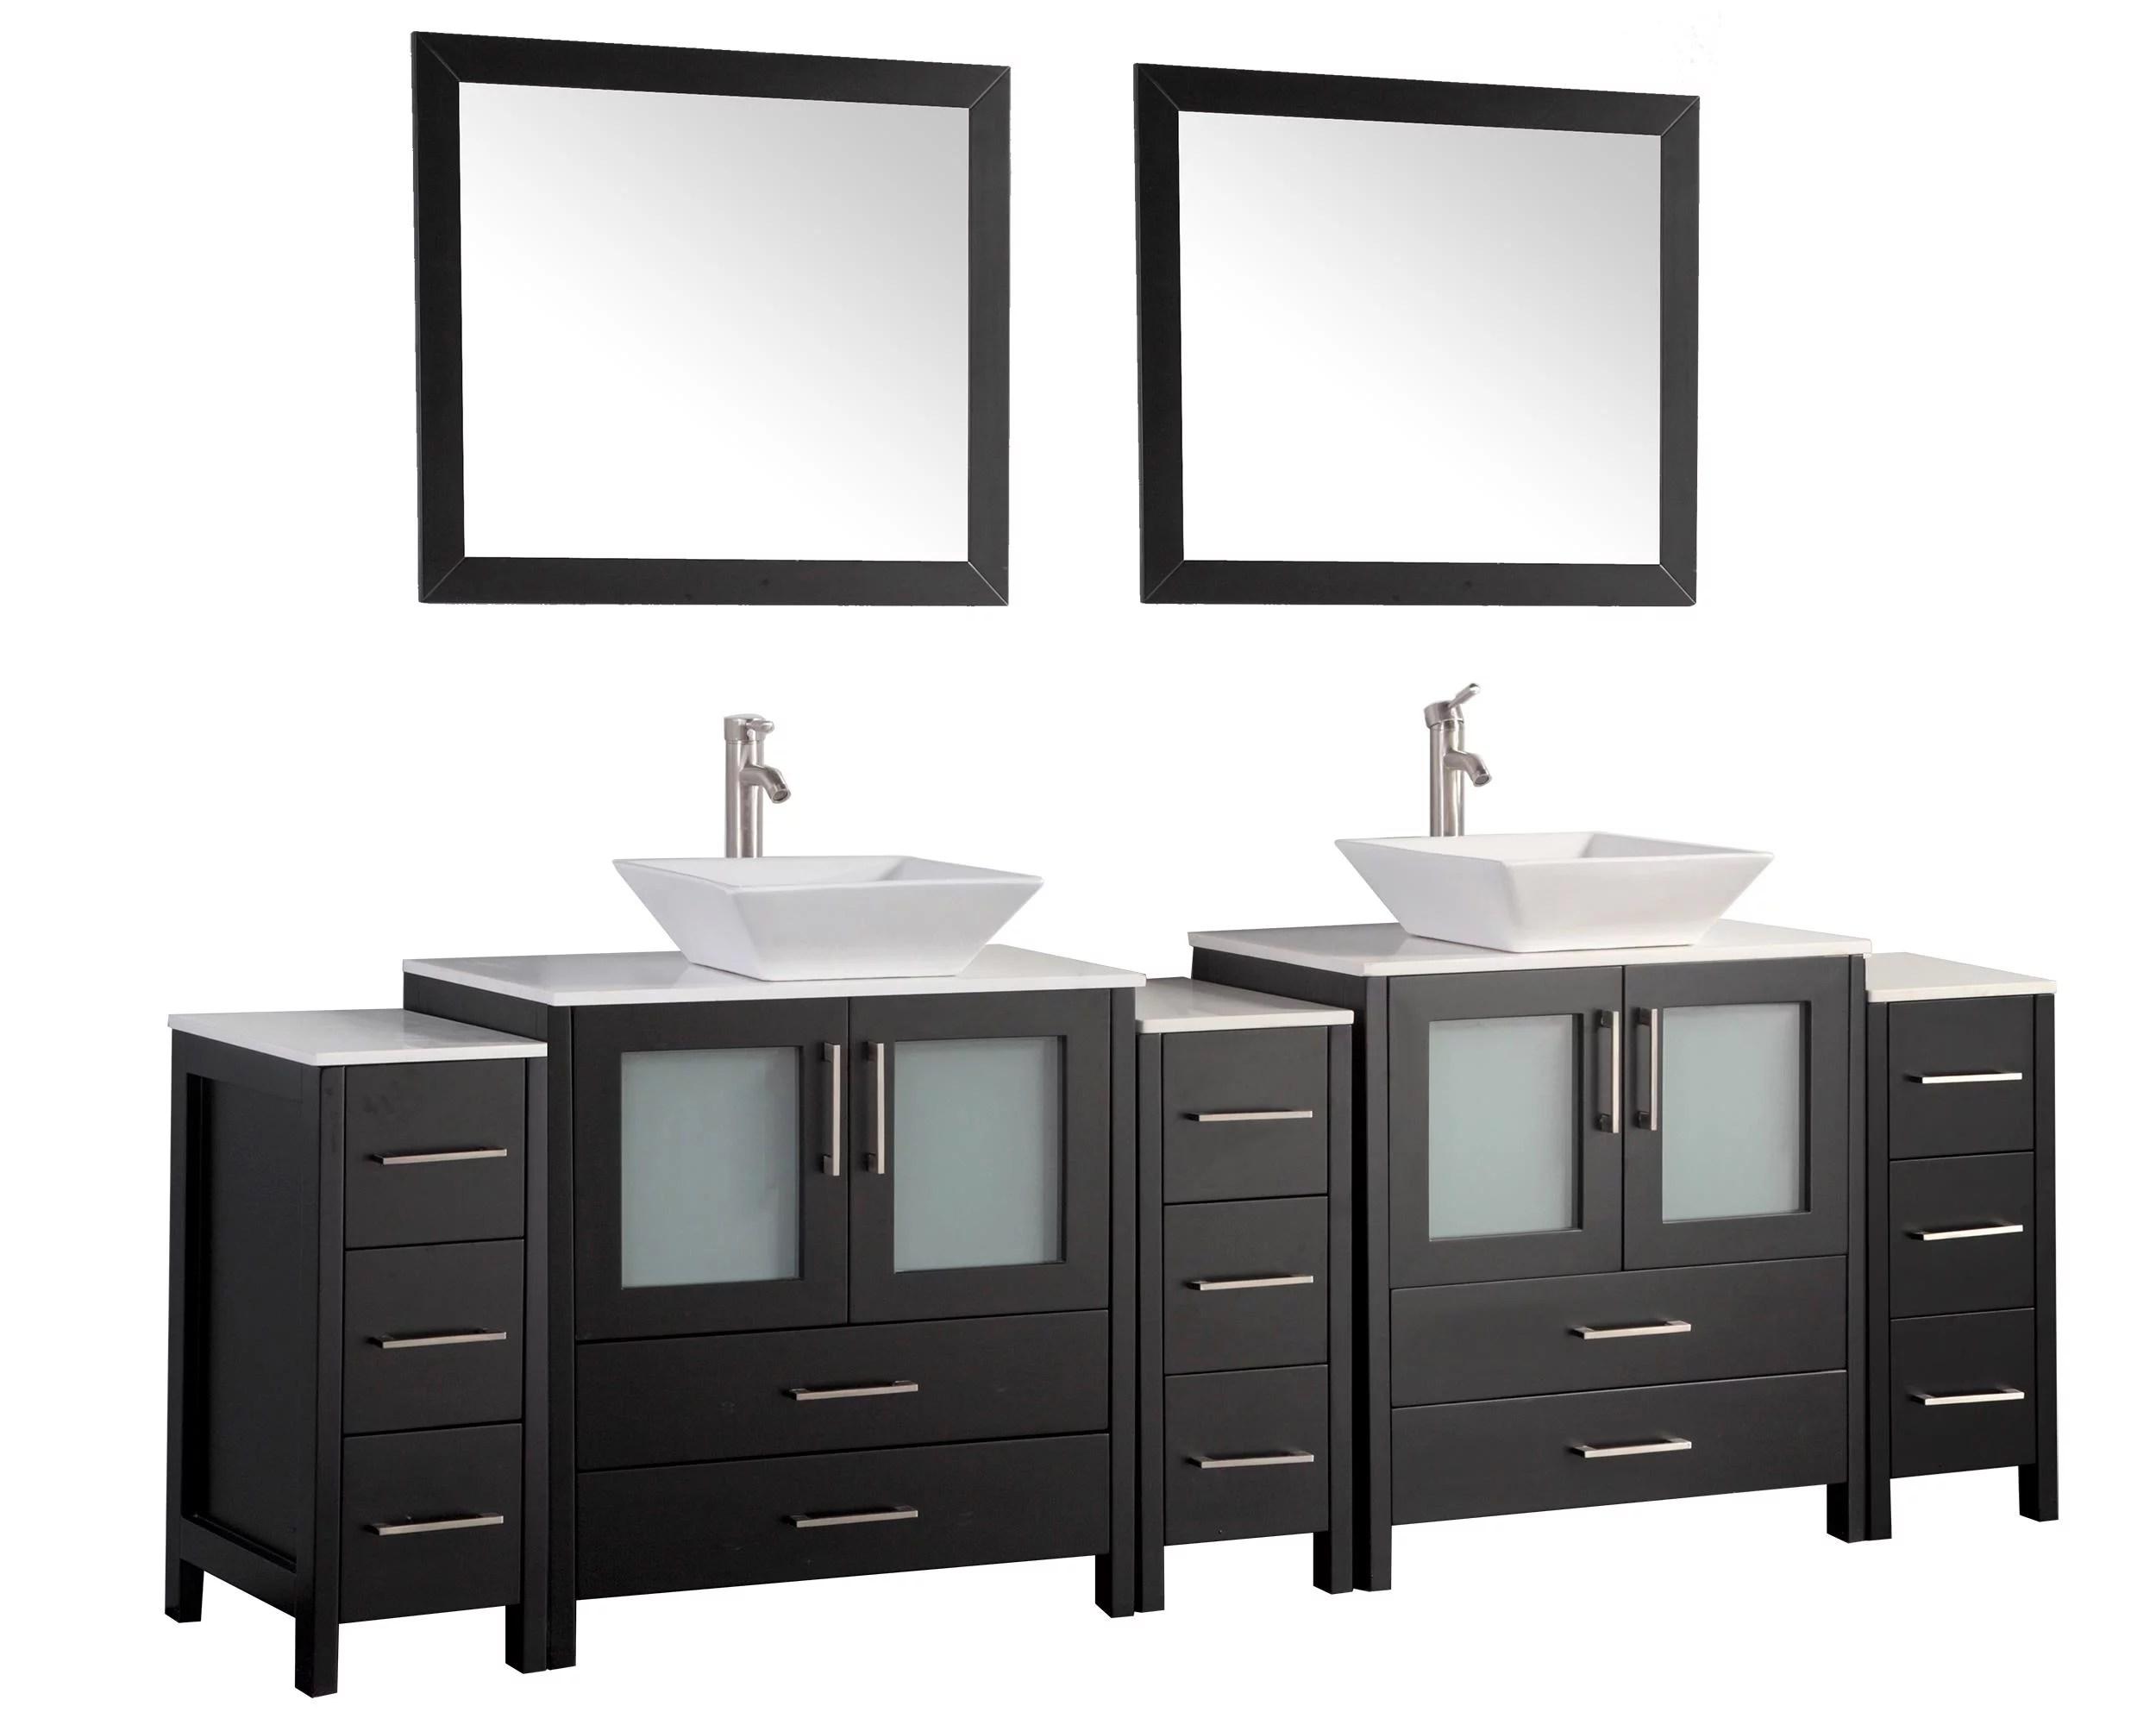 vanity art 96 inch double sink bathroom vanity set with ceramic vanity top walmart com